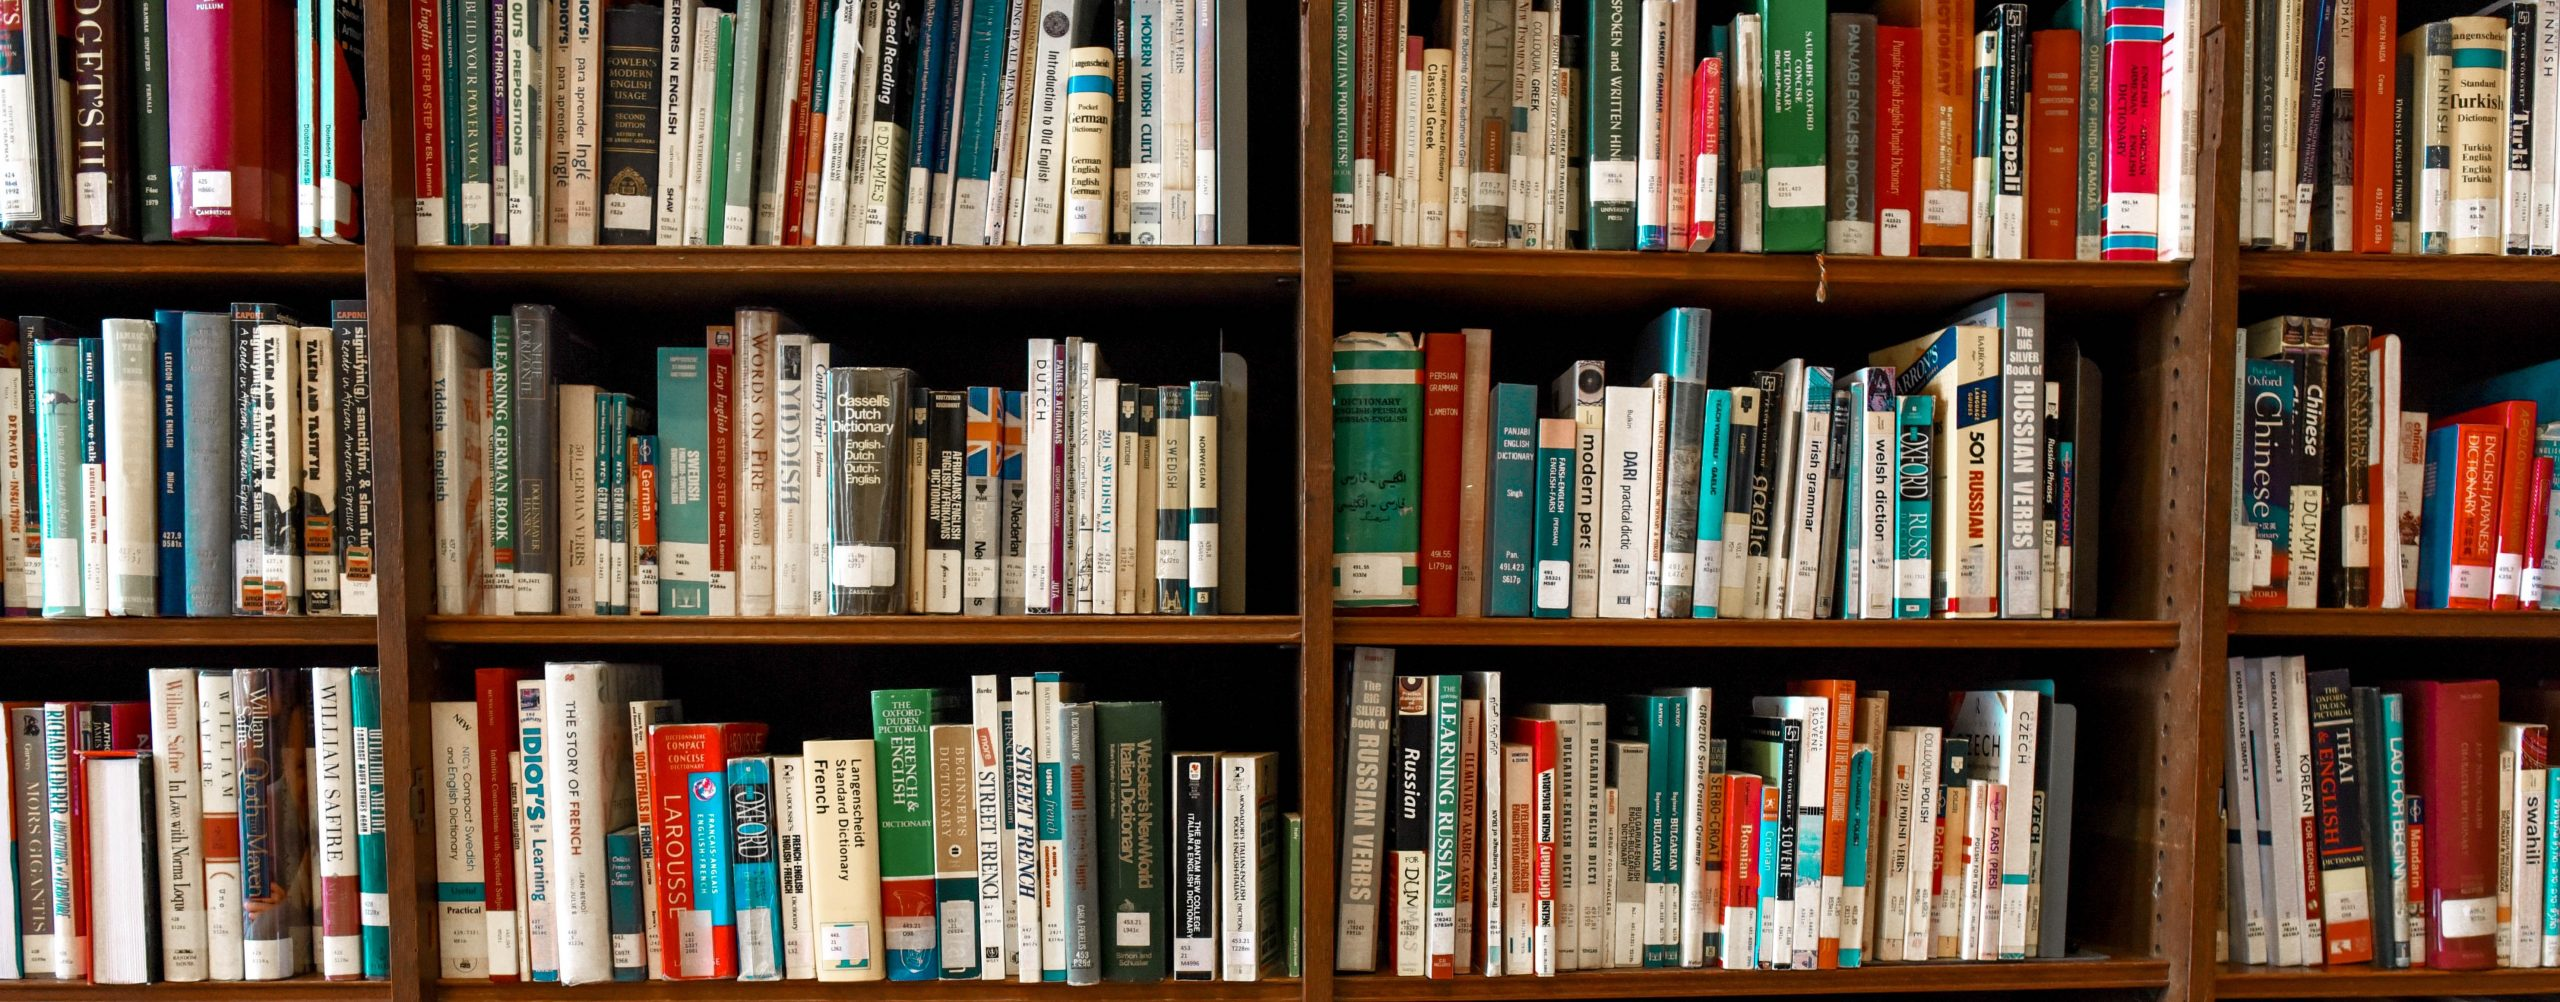 Książki o marketingu dla początkujących – te 10 publikacji musisz znać. Artykuł gościnny